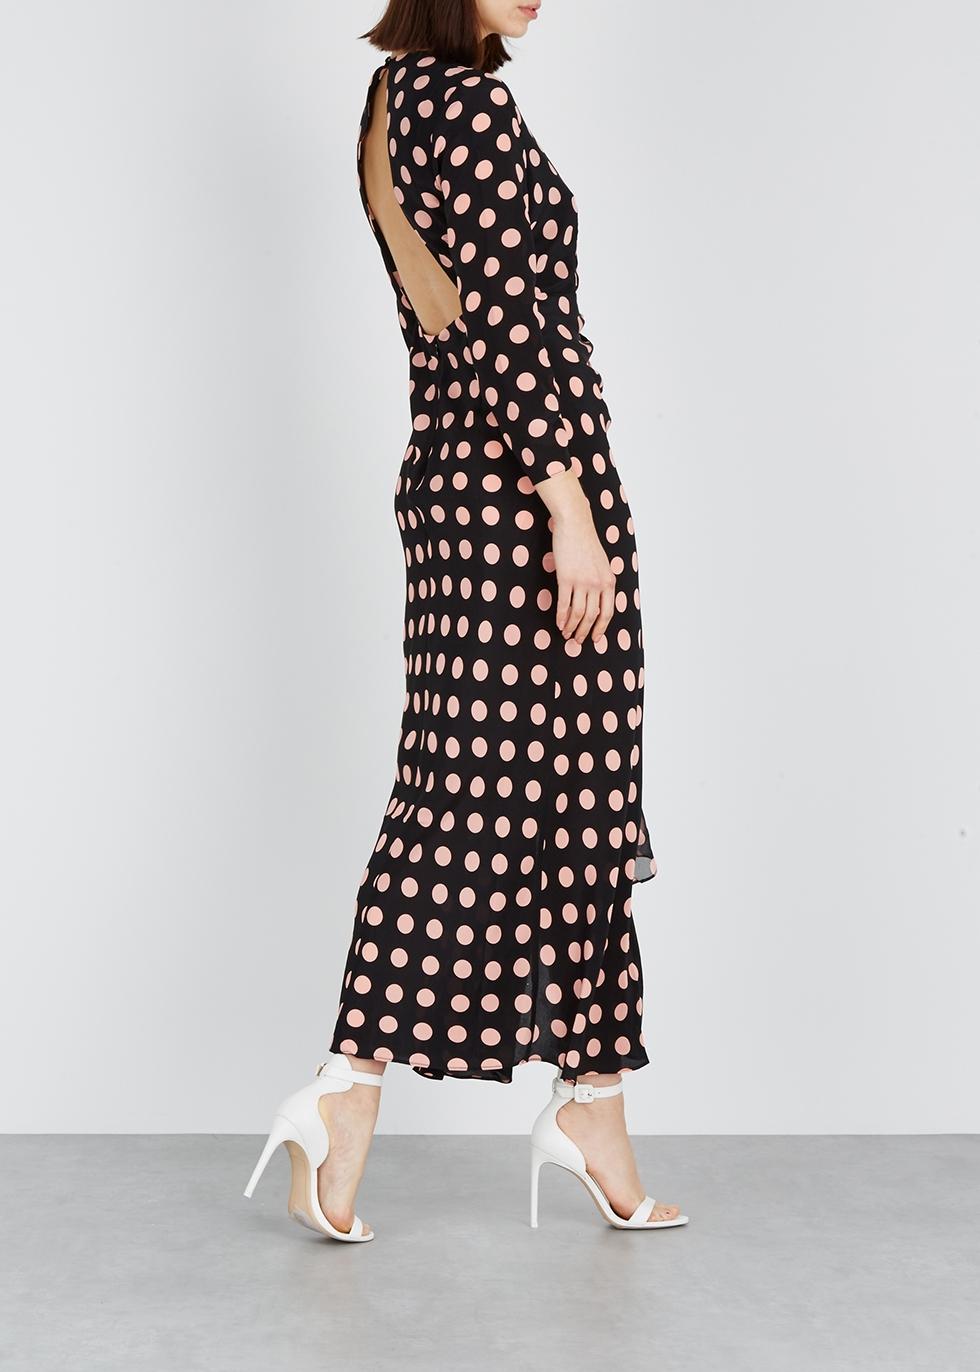 Rose polka-dot silk maxi dress - RIXO